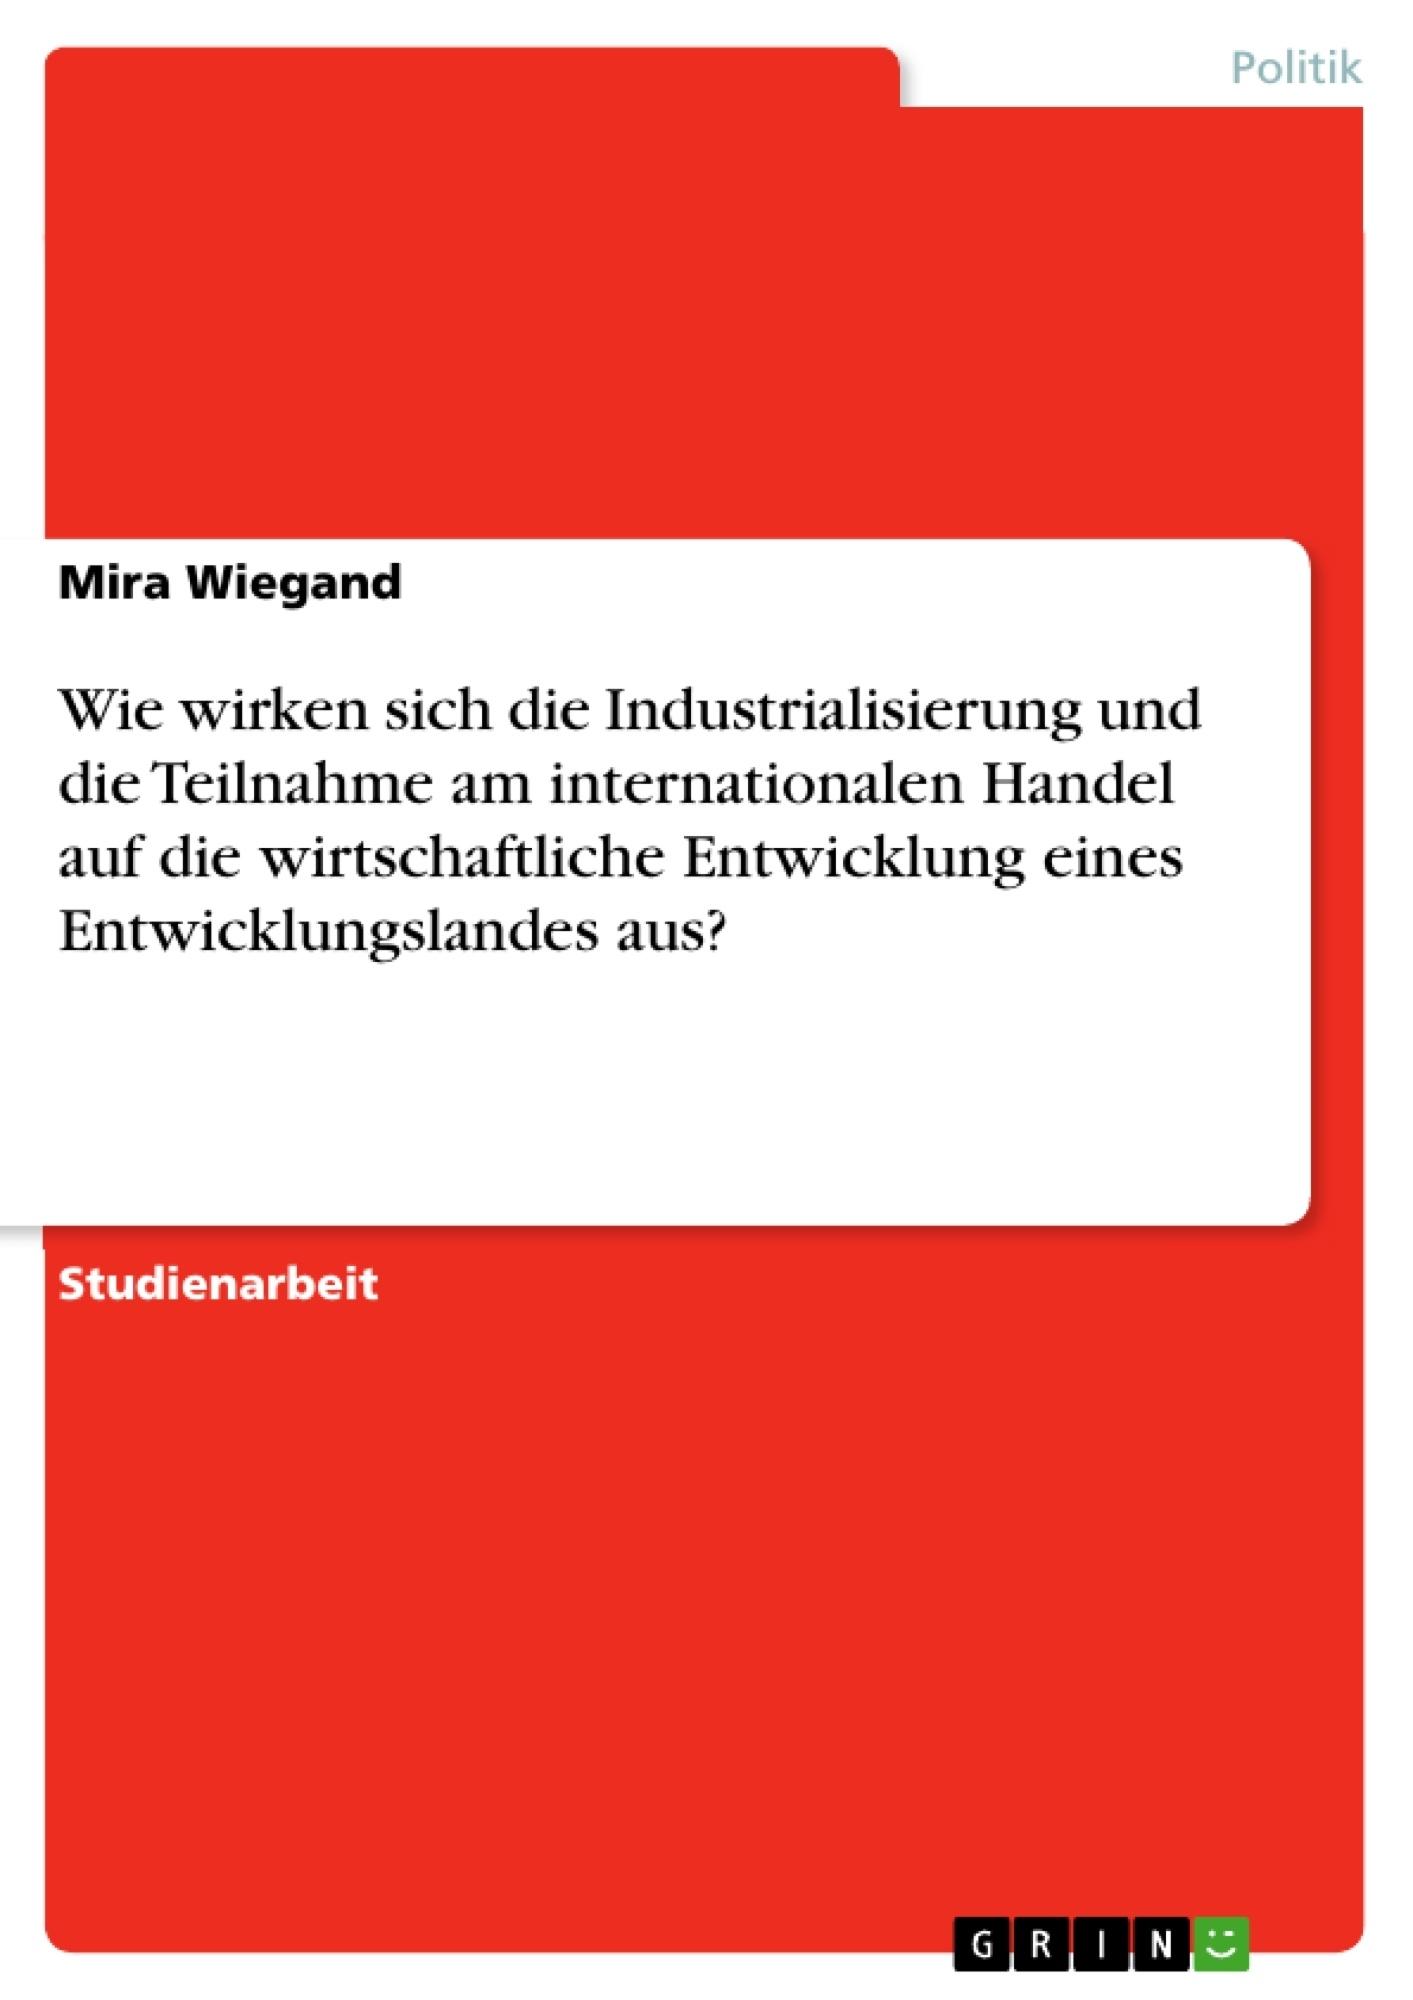 Titel: Wie wirken sich die Industrialisierung und die Teilnahme am internationalen Handel auf die wirtschaftliche Entwicklung eines Entwicklungslandes aus?